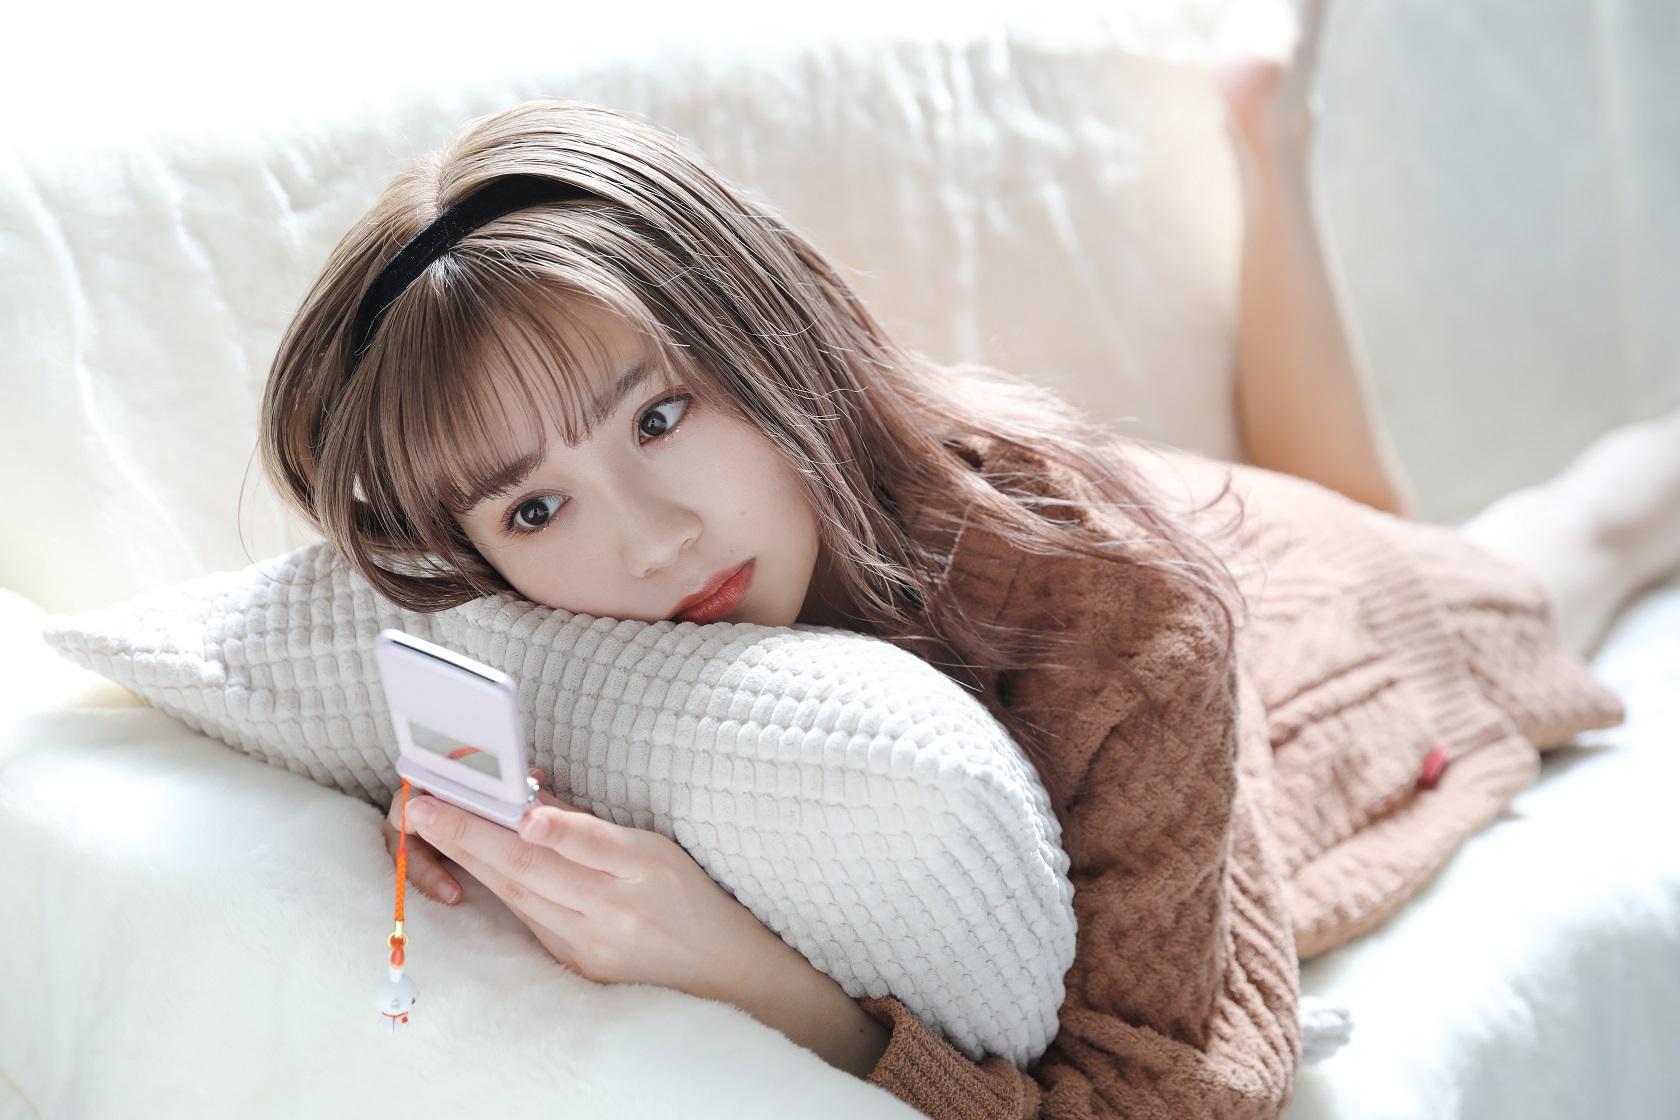 """Singing Cosplayer Hikari Rilis Video Lagu Cover Pertama di YouTube """"I Want to Meet You (I Want To See You / Aitai)"""" dari GUMI 6"""